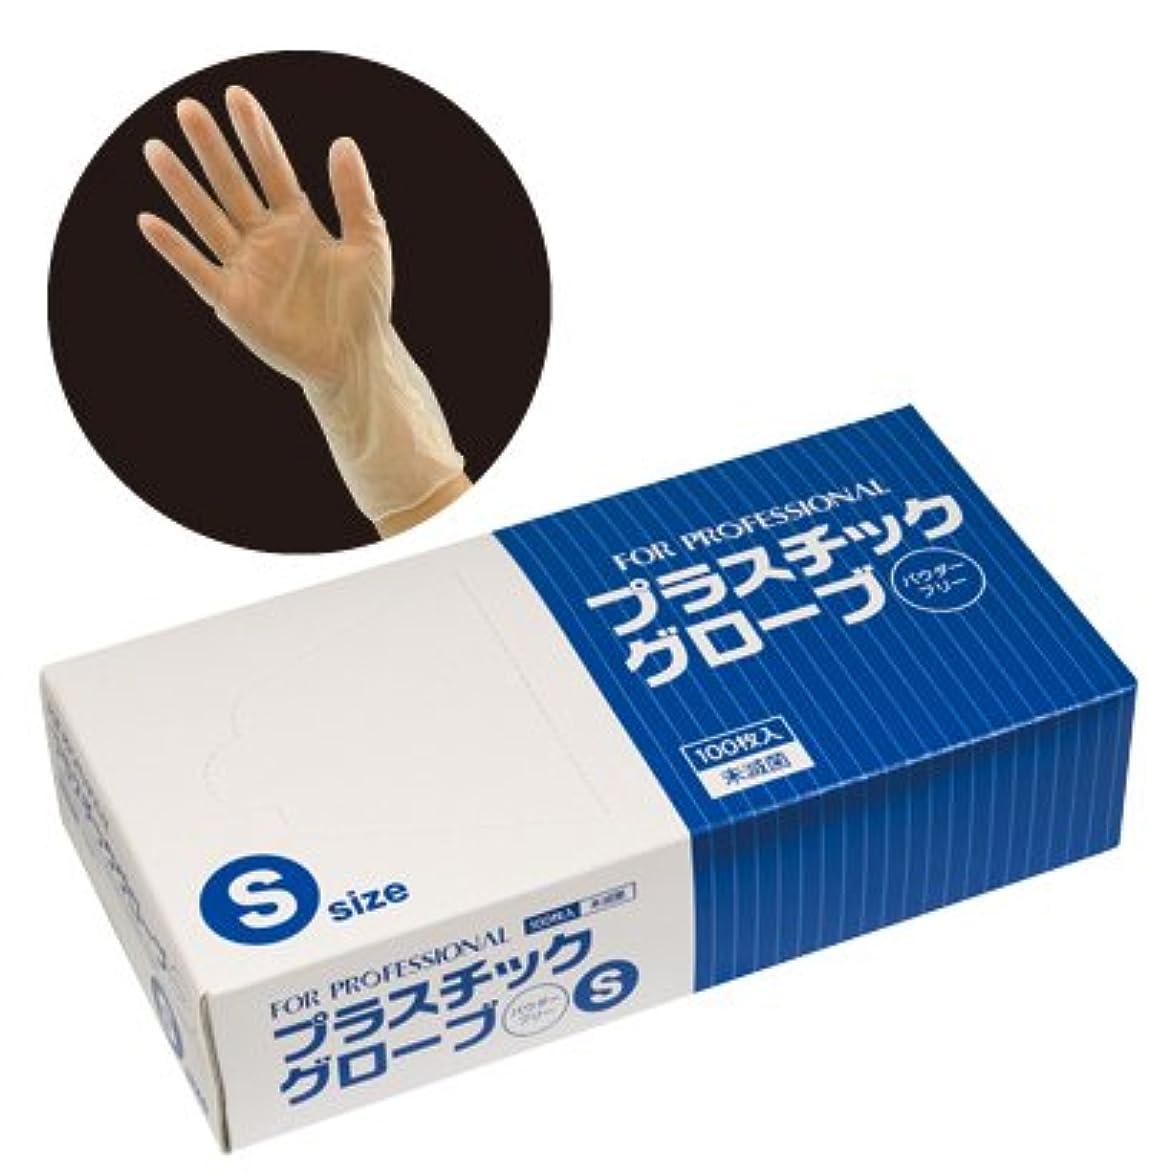 実際に一定ボット【業務用】 FEED(フィード) プラスチックグローブ(手袋) パウダーフリー/S カートン(100枚入×10ケース) (作業用) (378円/1個あたり)